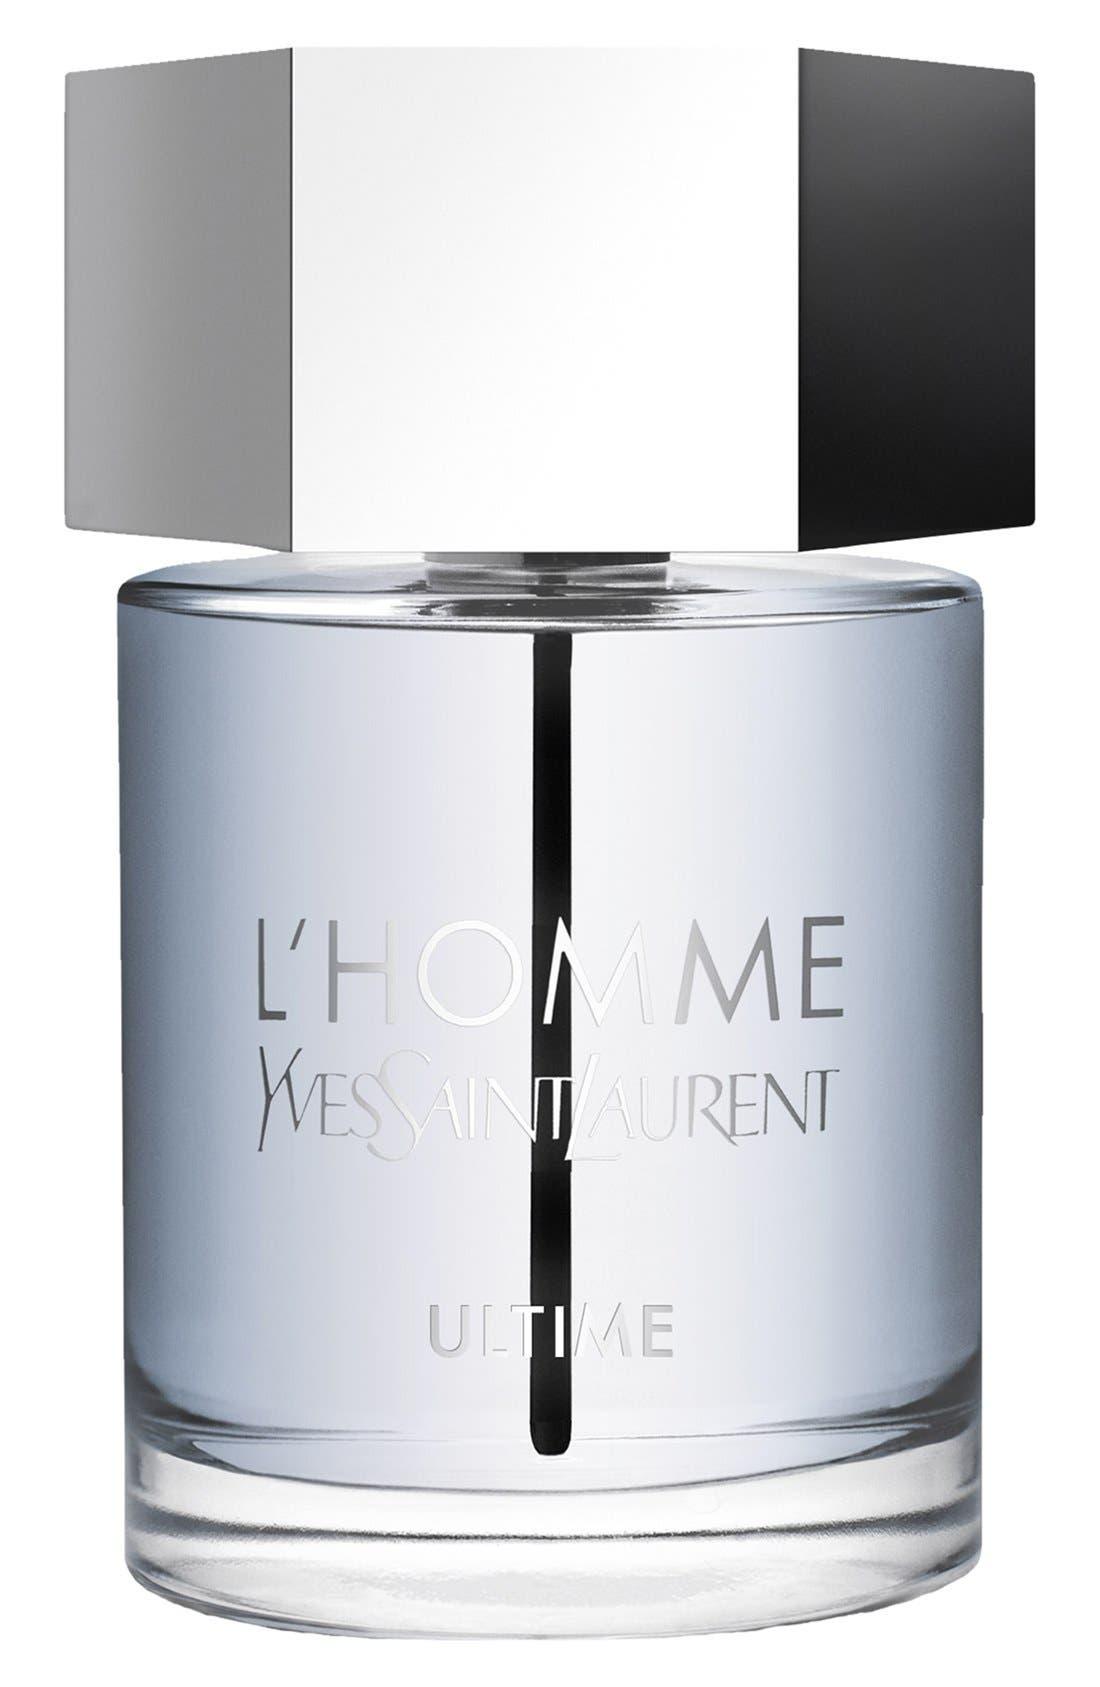 Yves Saint Laurent 'L'Homme Ultime' Eau de Parfum